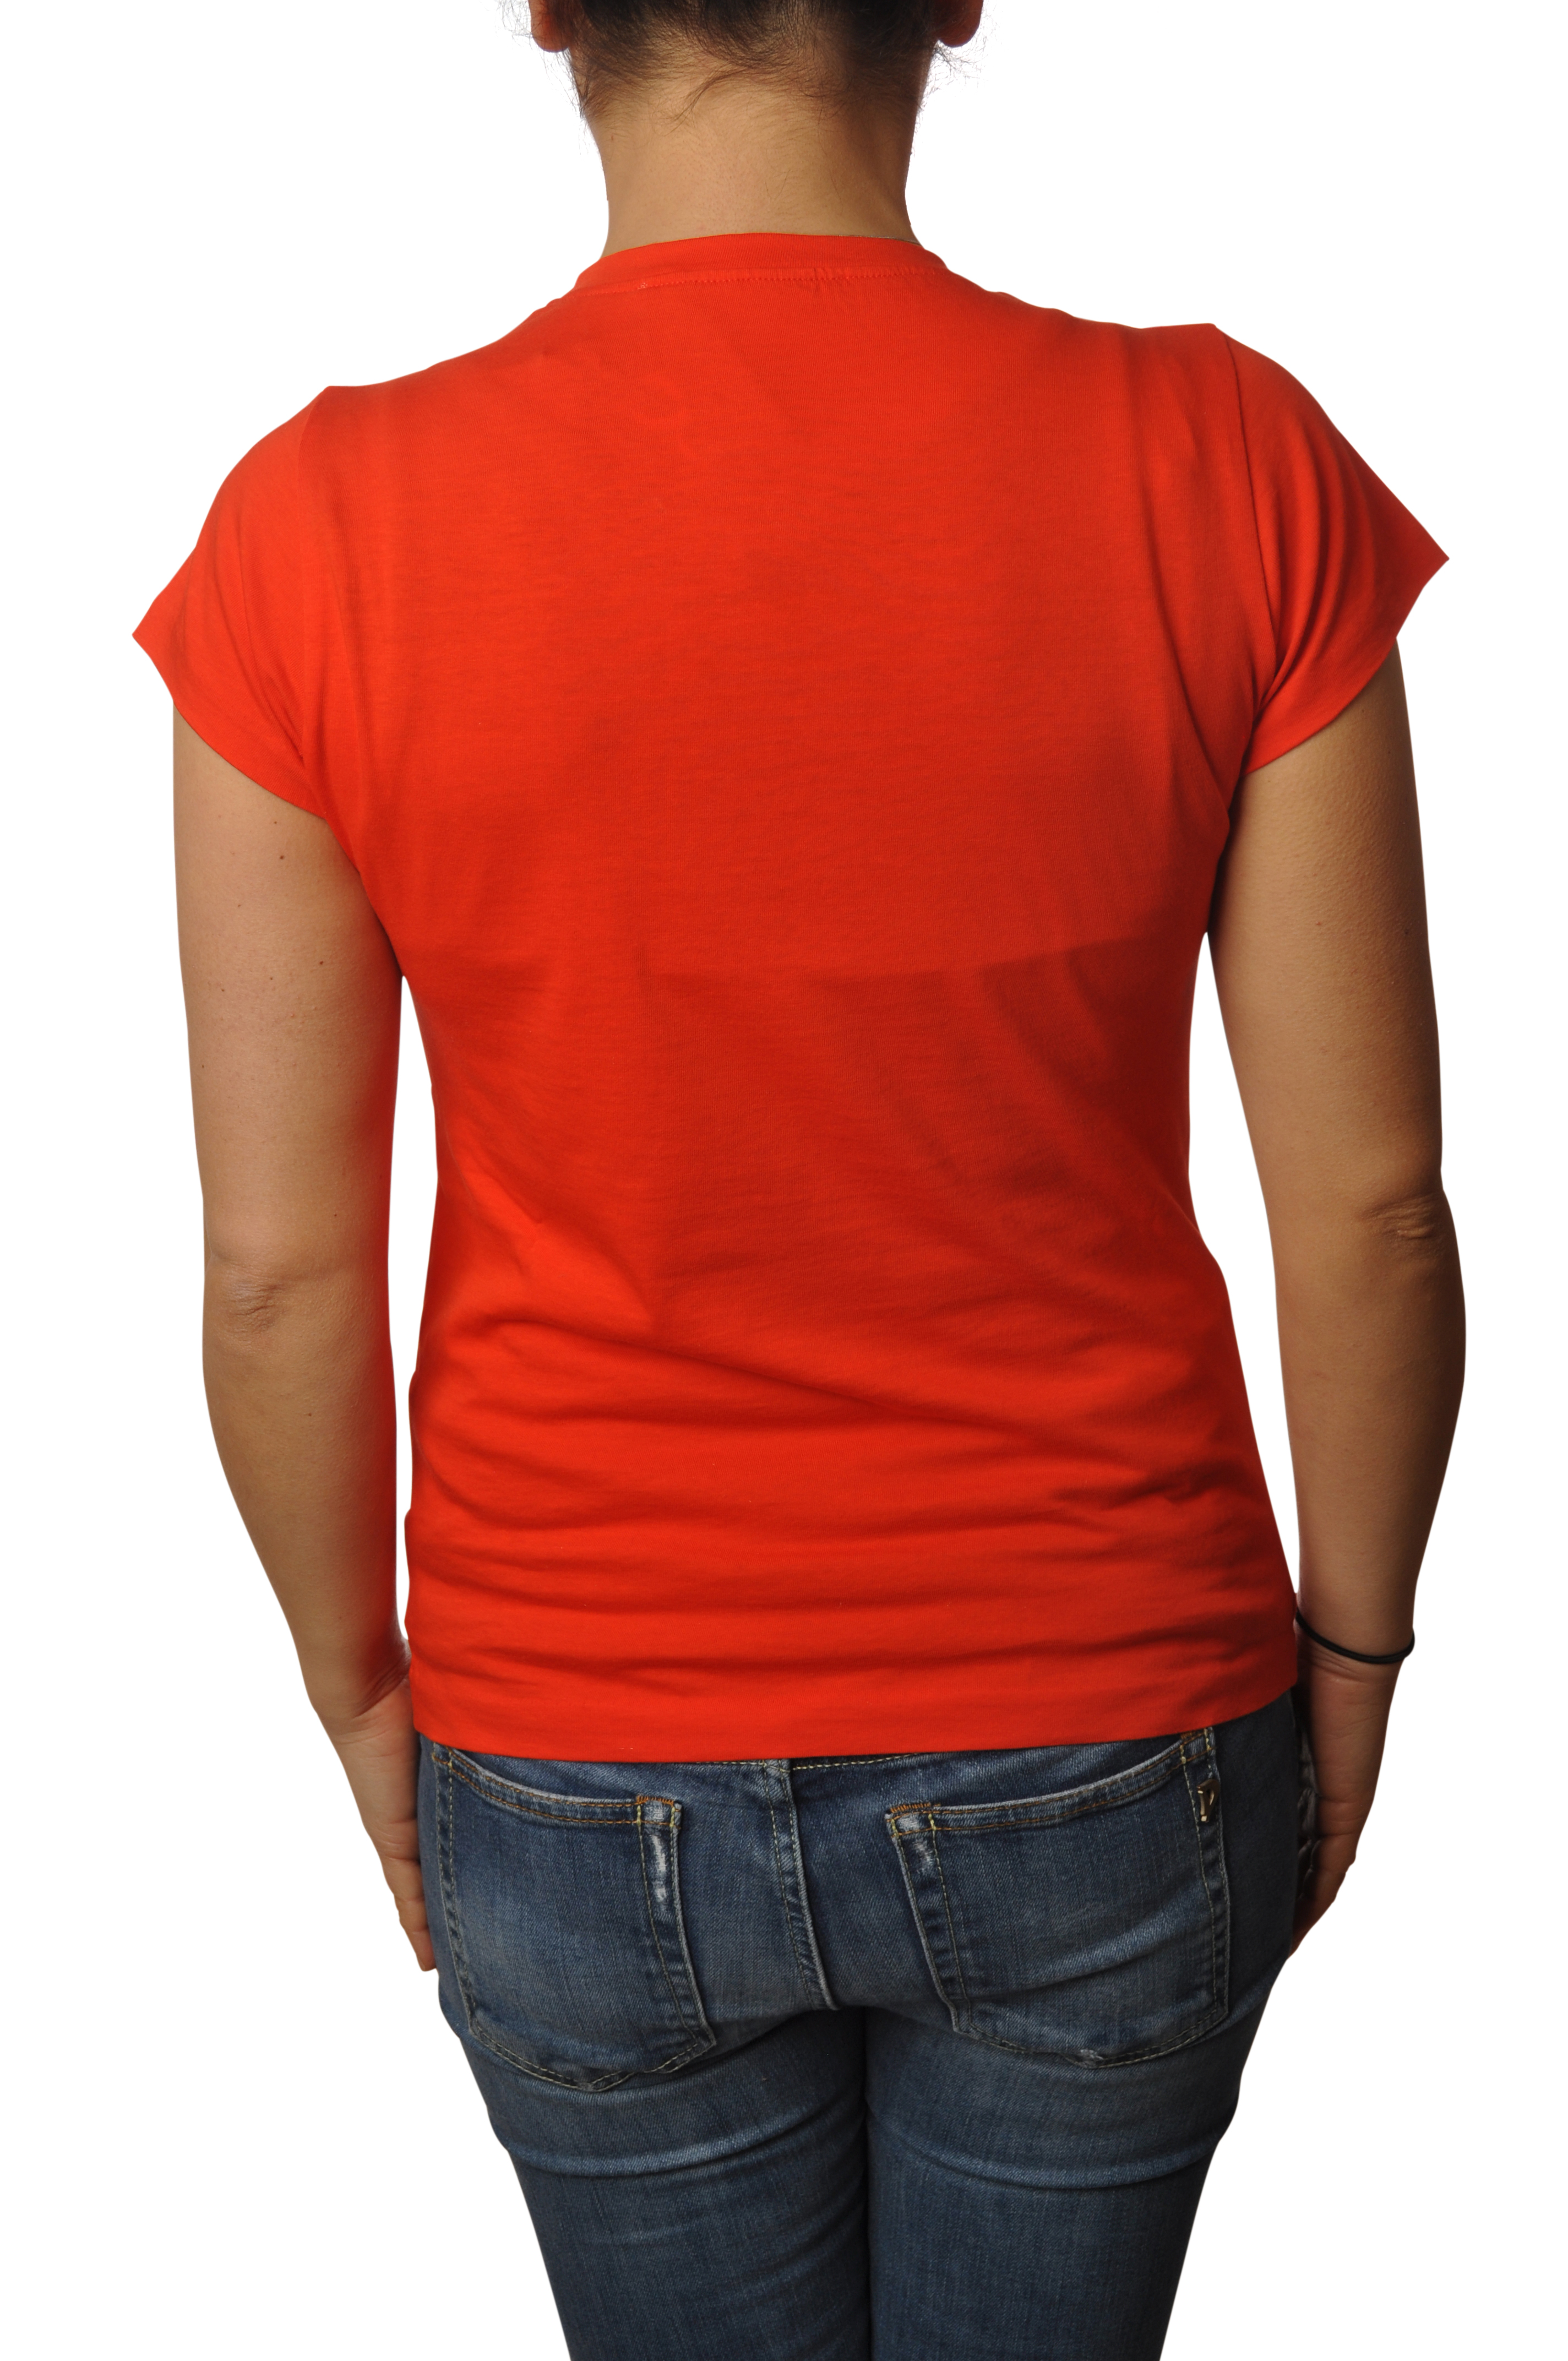 8pm - T-shirts